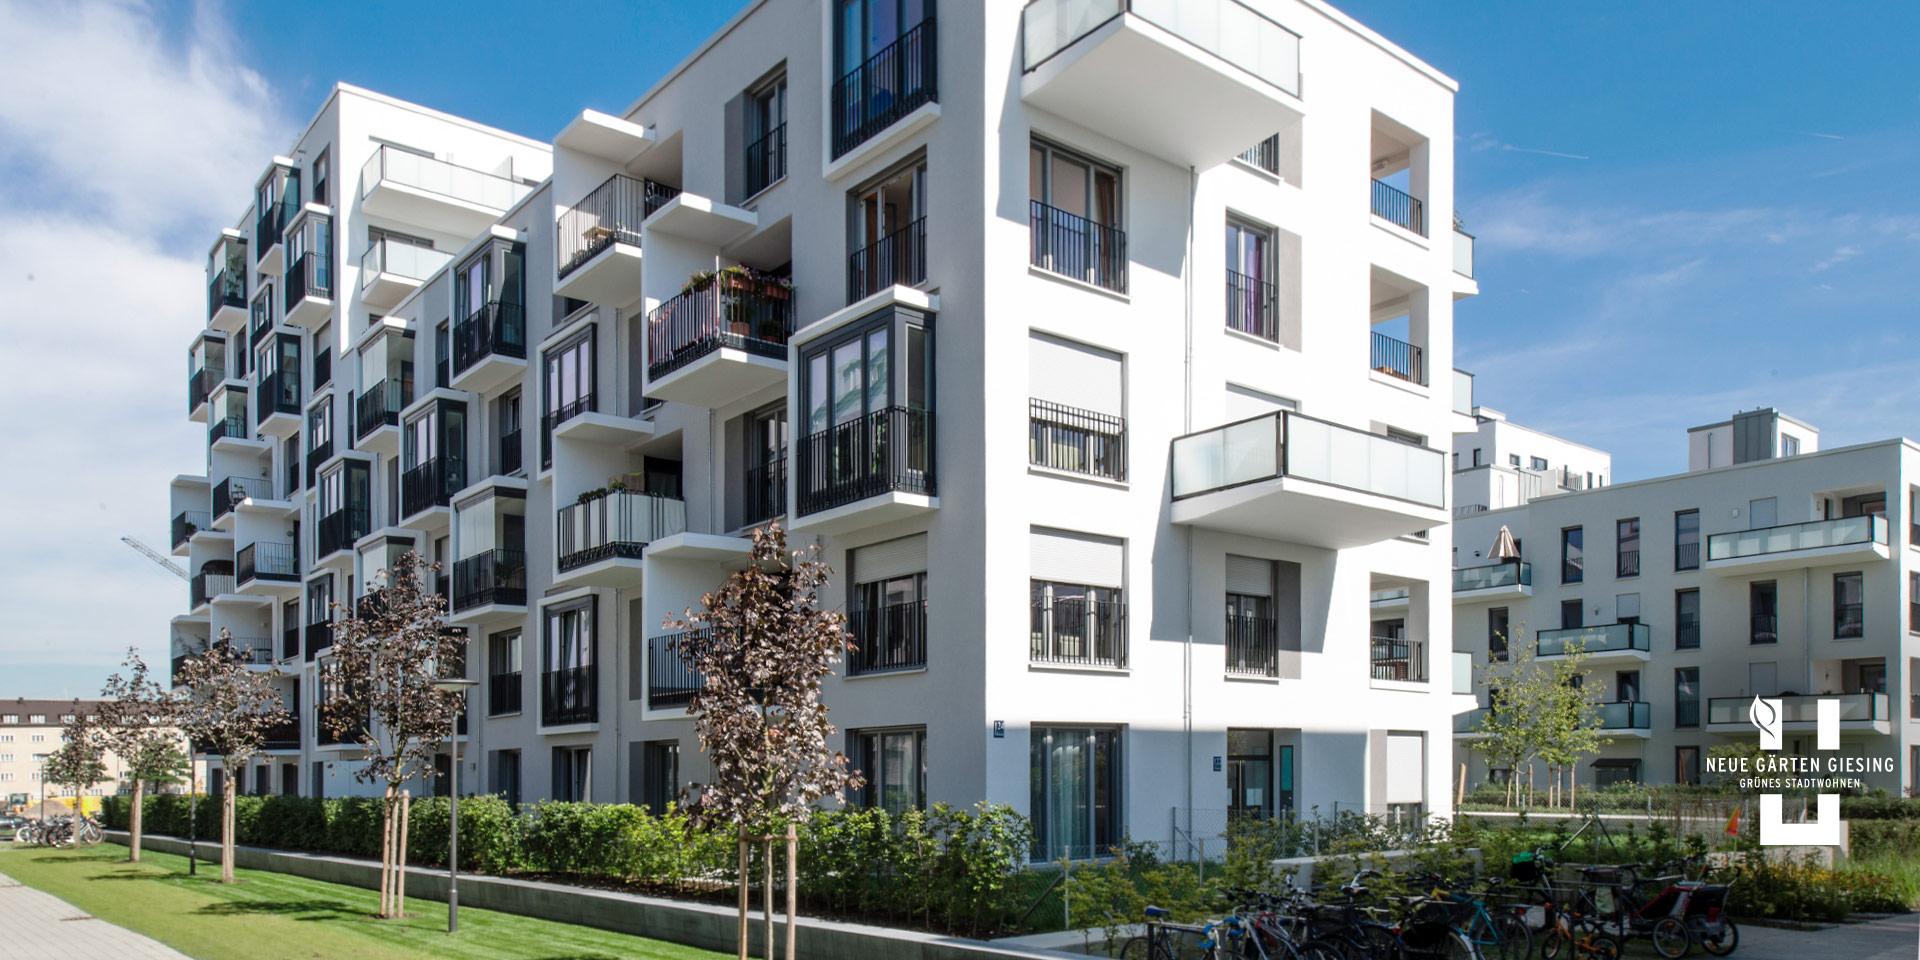 Eigentumswohnungen München: Neue Gärten Giesing